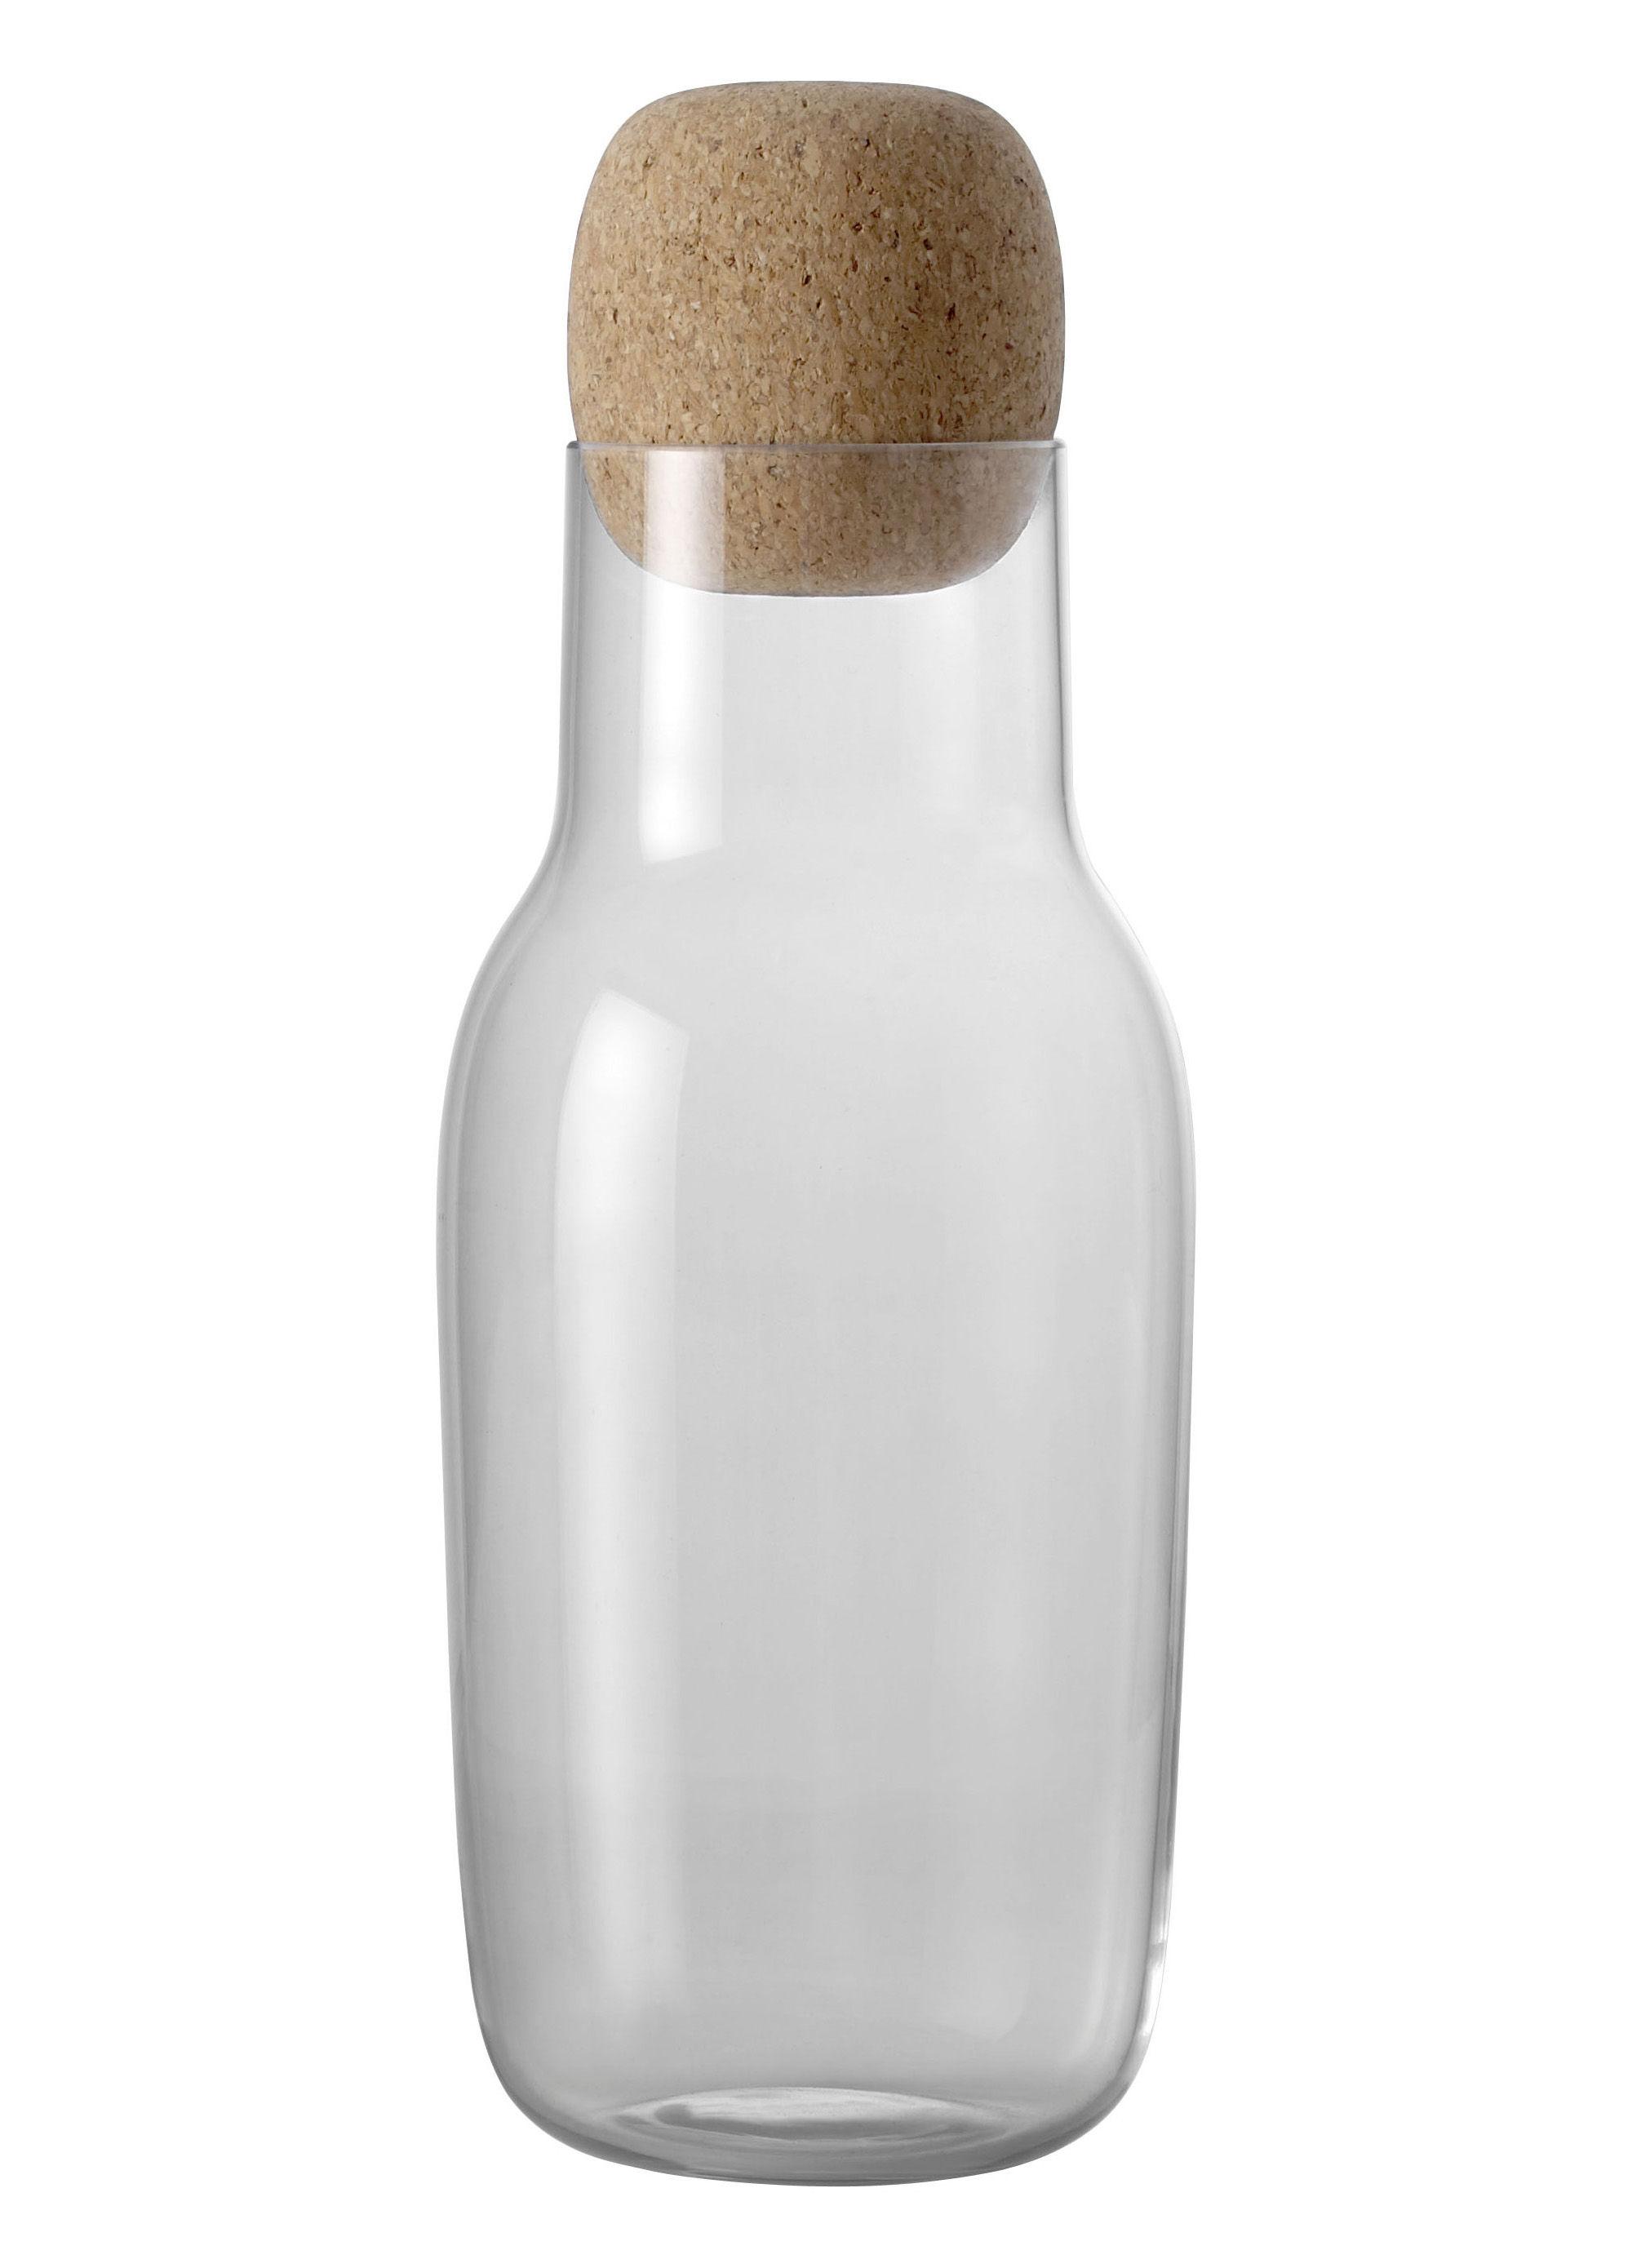 Tischkultur - Karaffen - Corky Karaffe 1 L - Muuto - Transparent - Glas, Kork